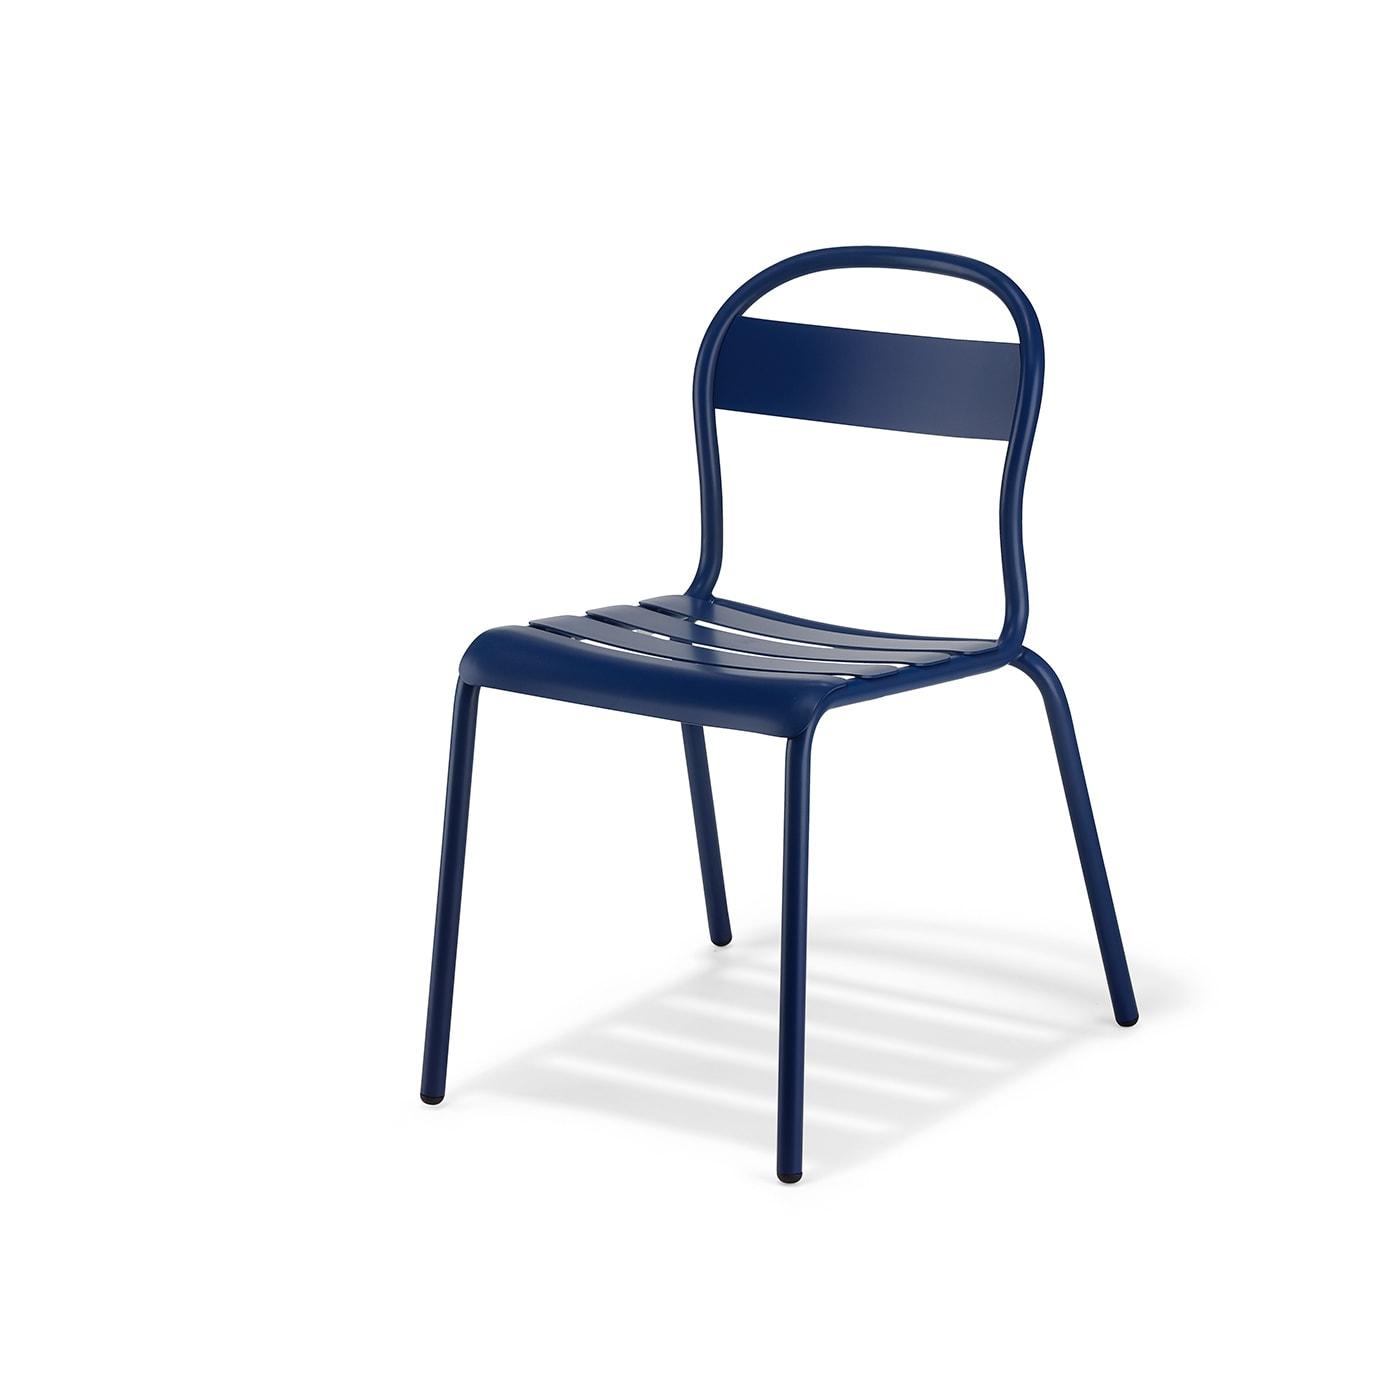 COLOS Stecca sedia